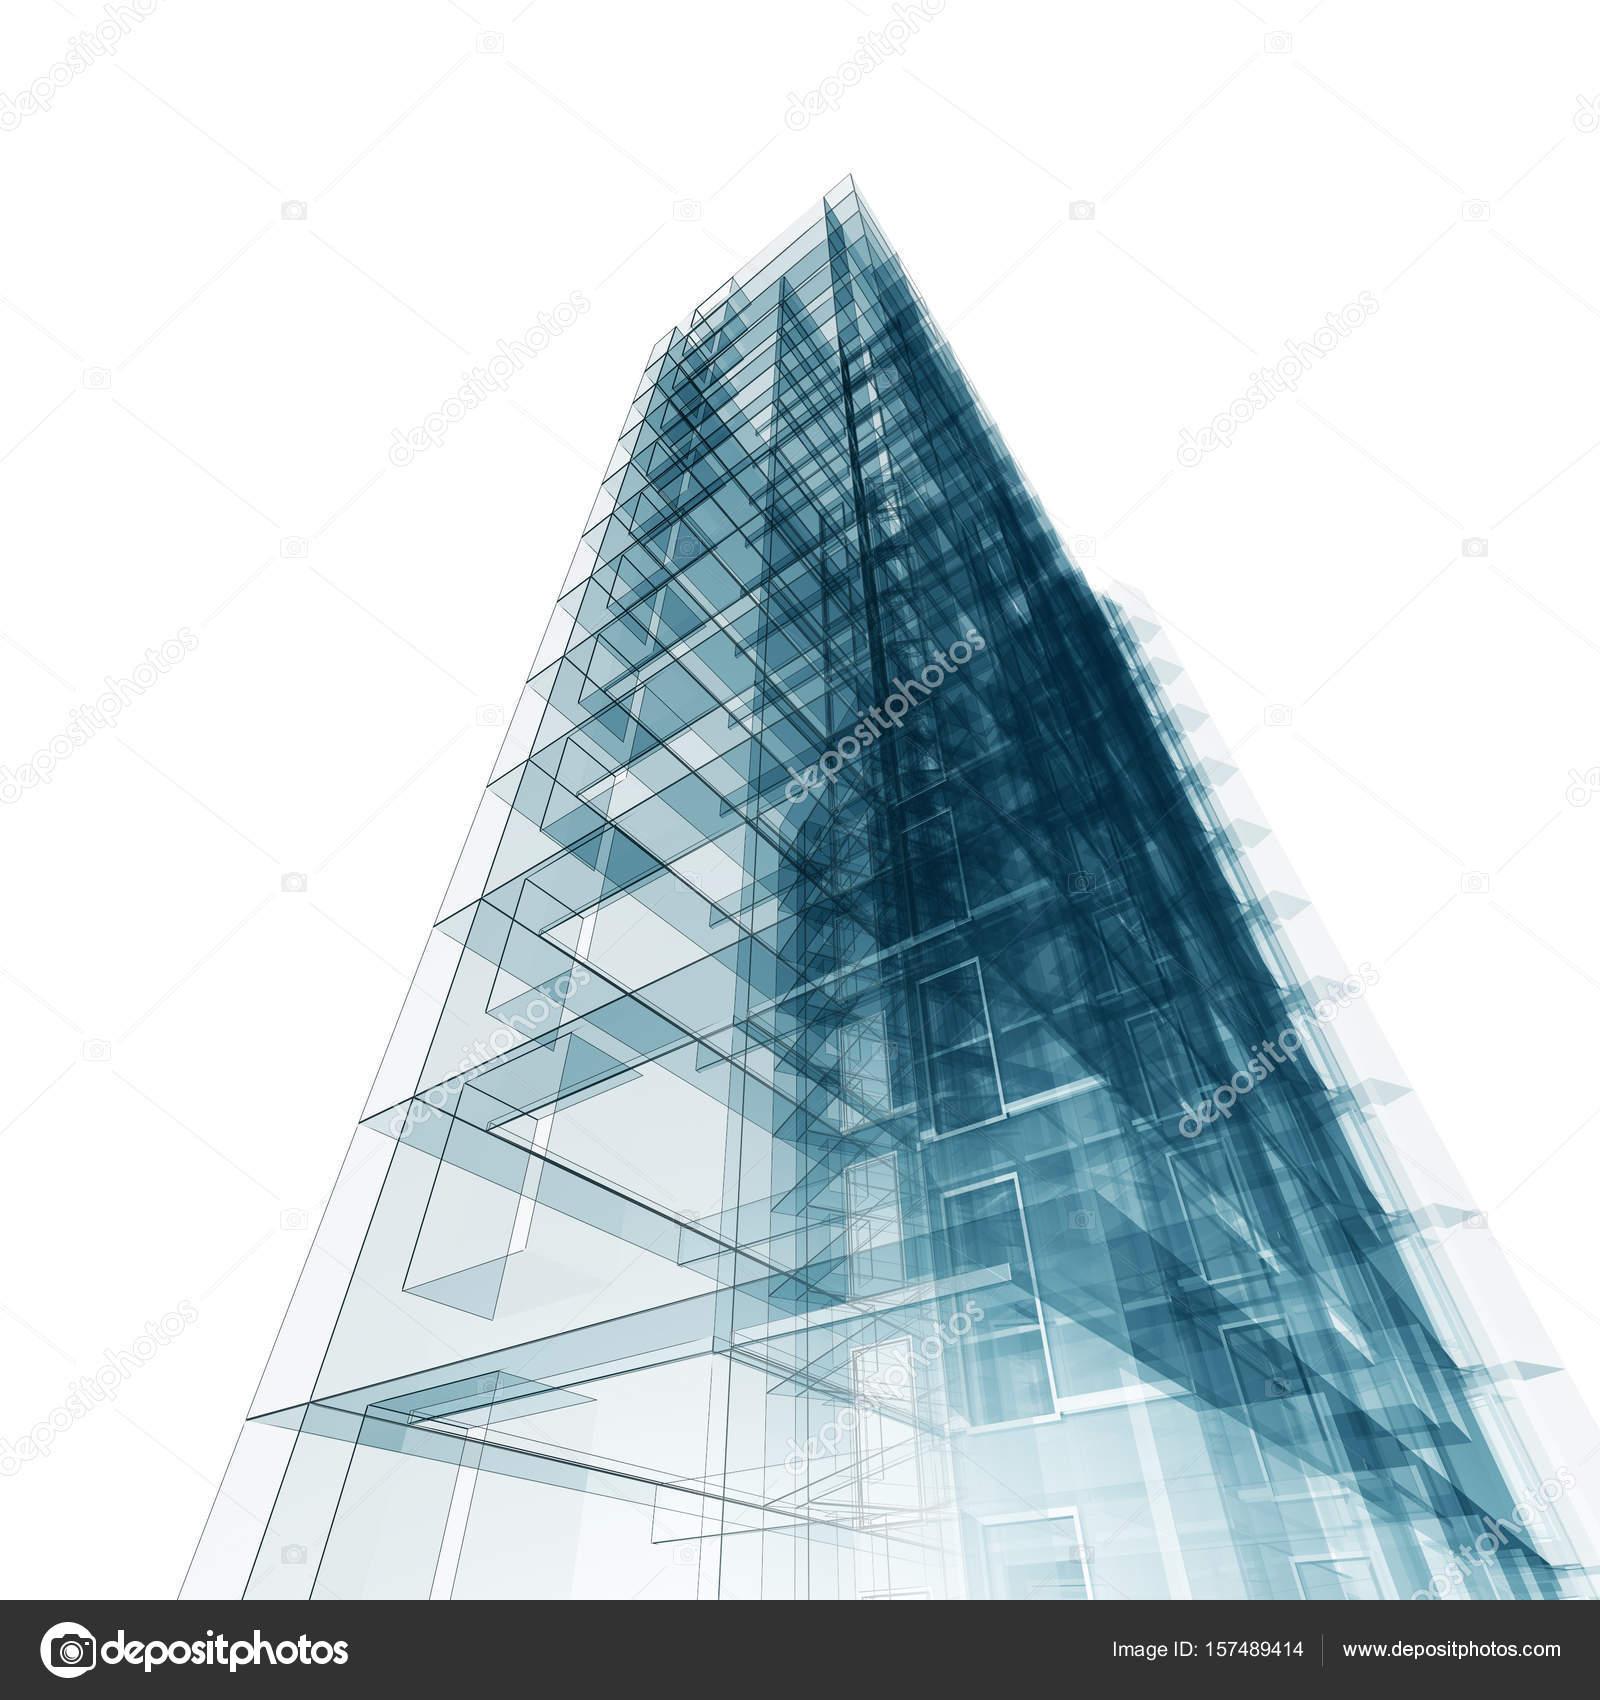 Delightful Modernes Gebäude. Architektur Design Und Mein Eigenes Modell U2014 Foto Von  1xpert